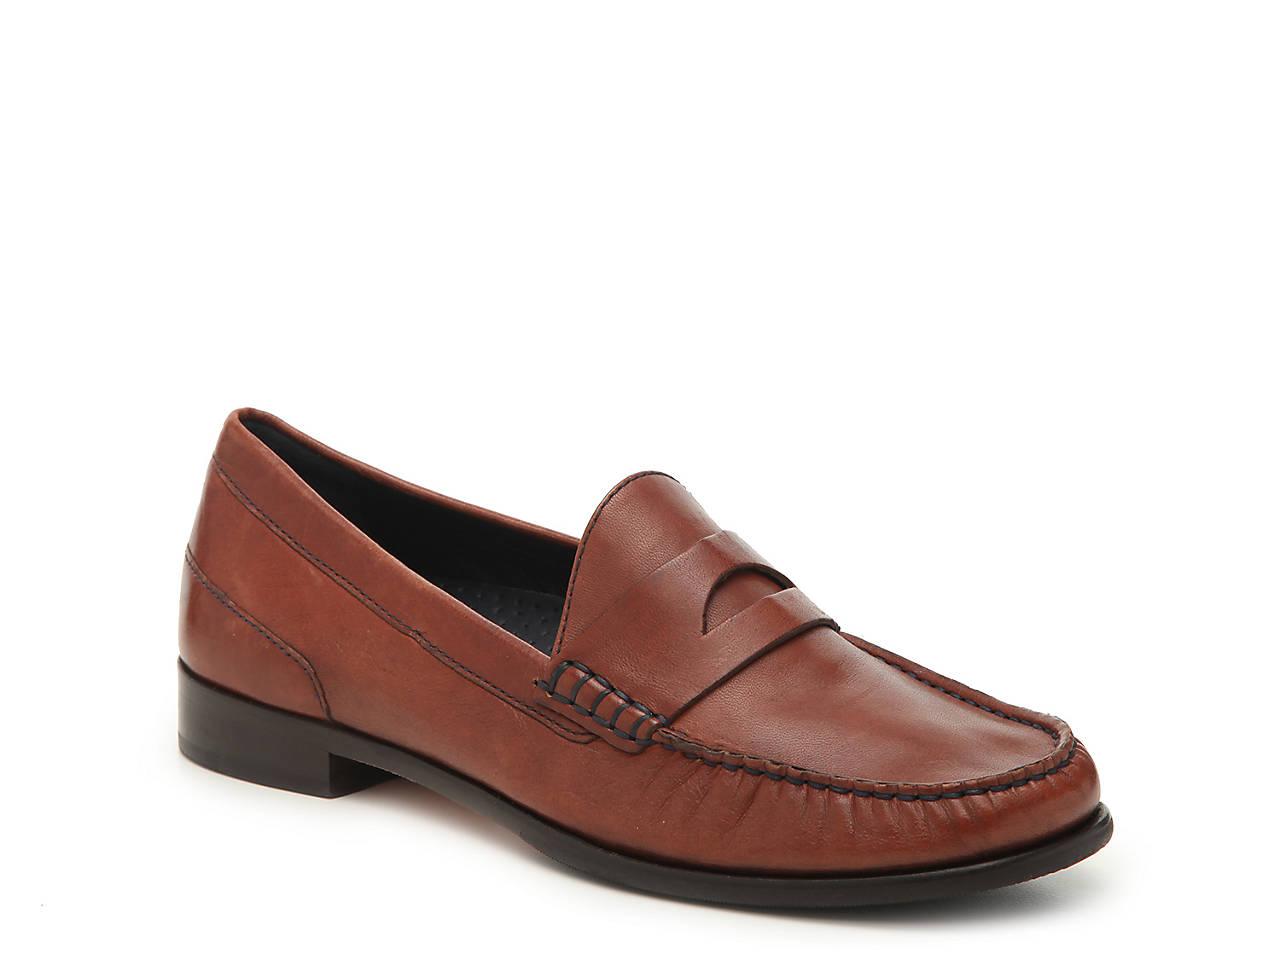 4d157dc8d66 Cole Haan Laurel Penny Loafer Men s Shoes